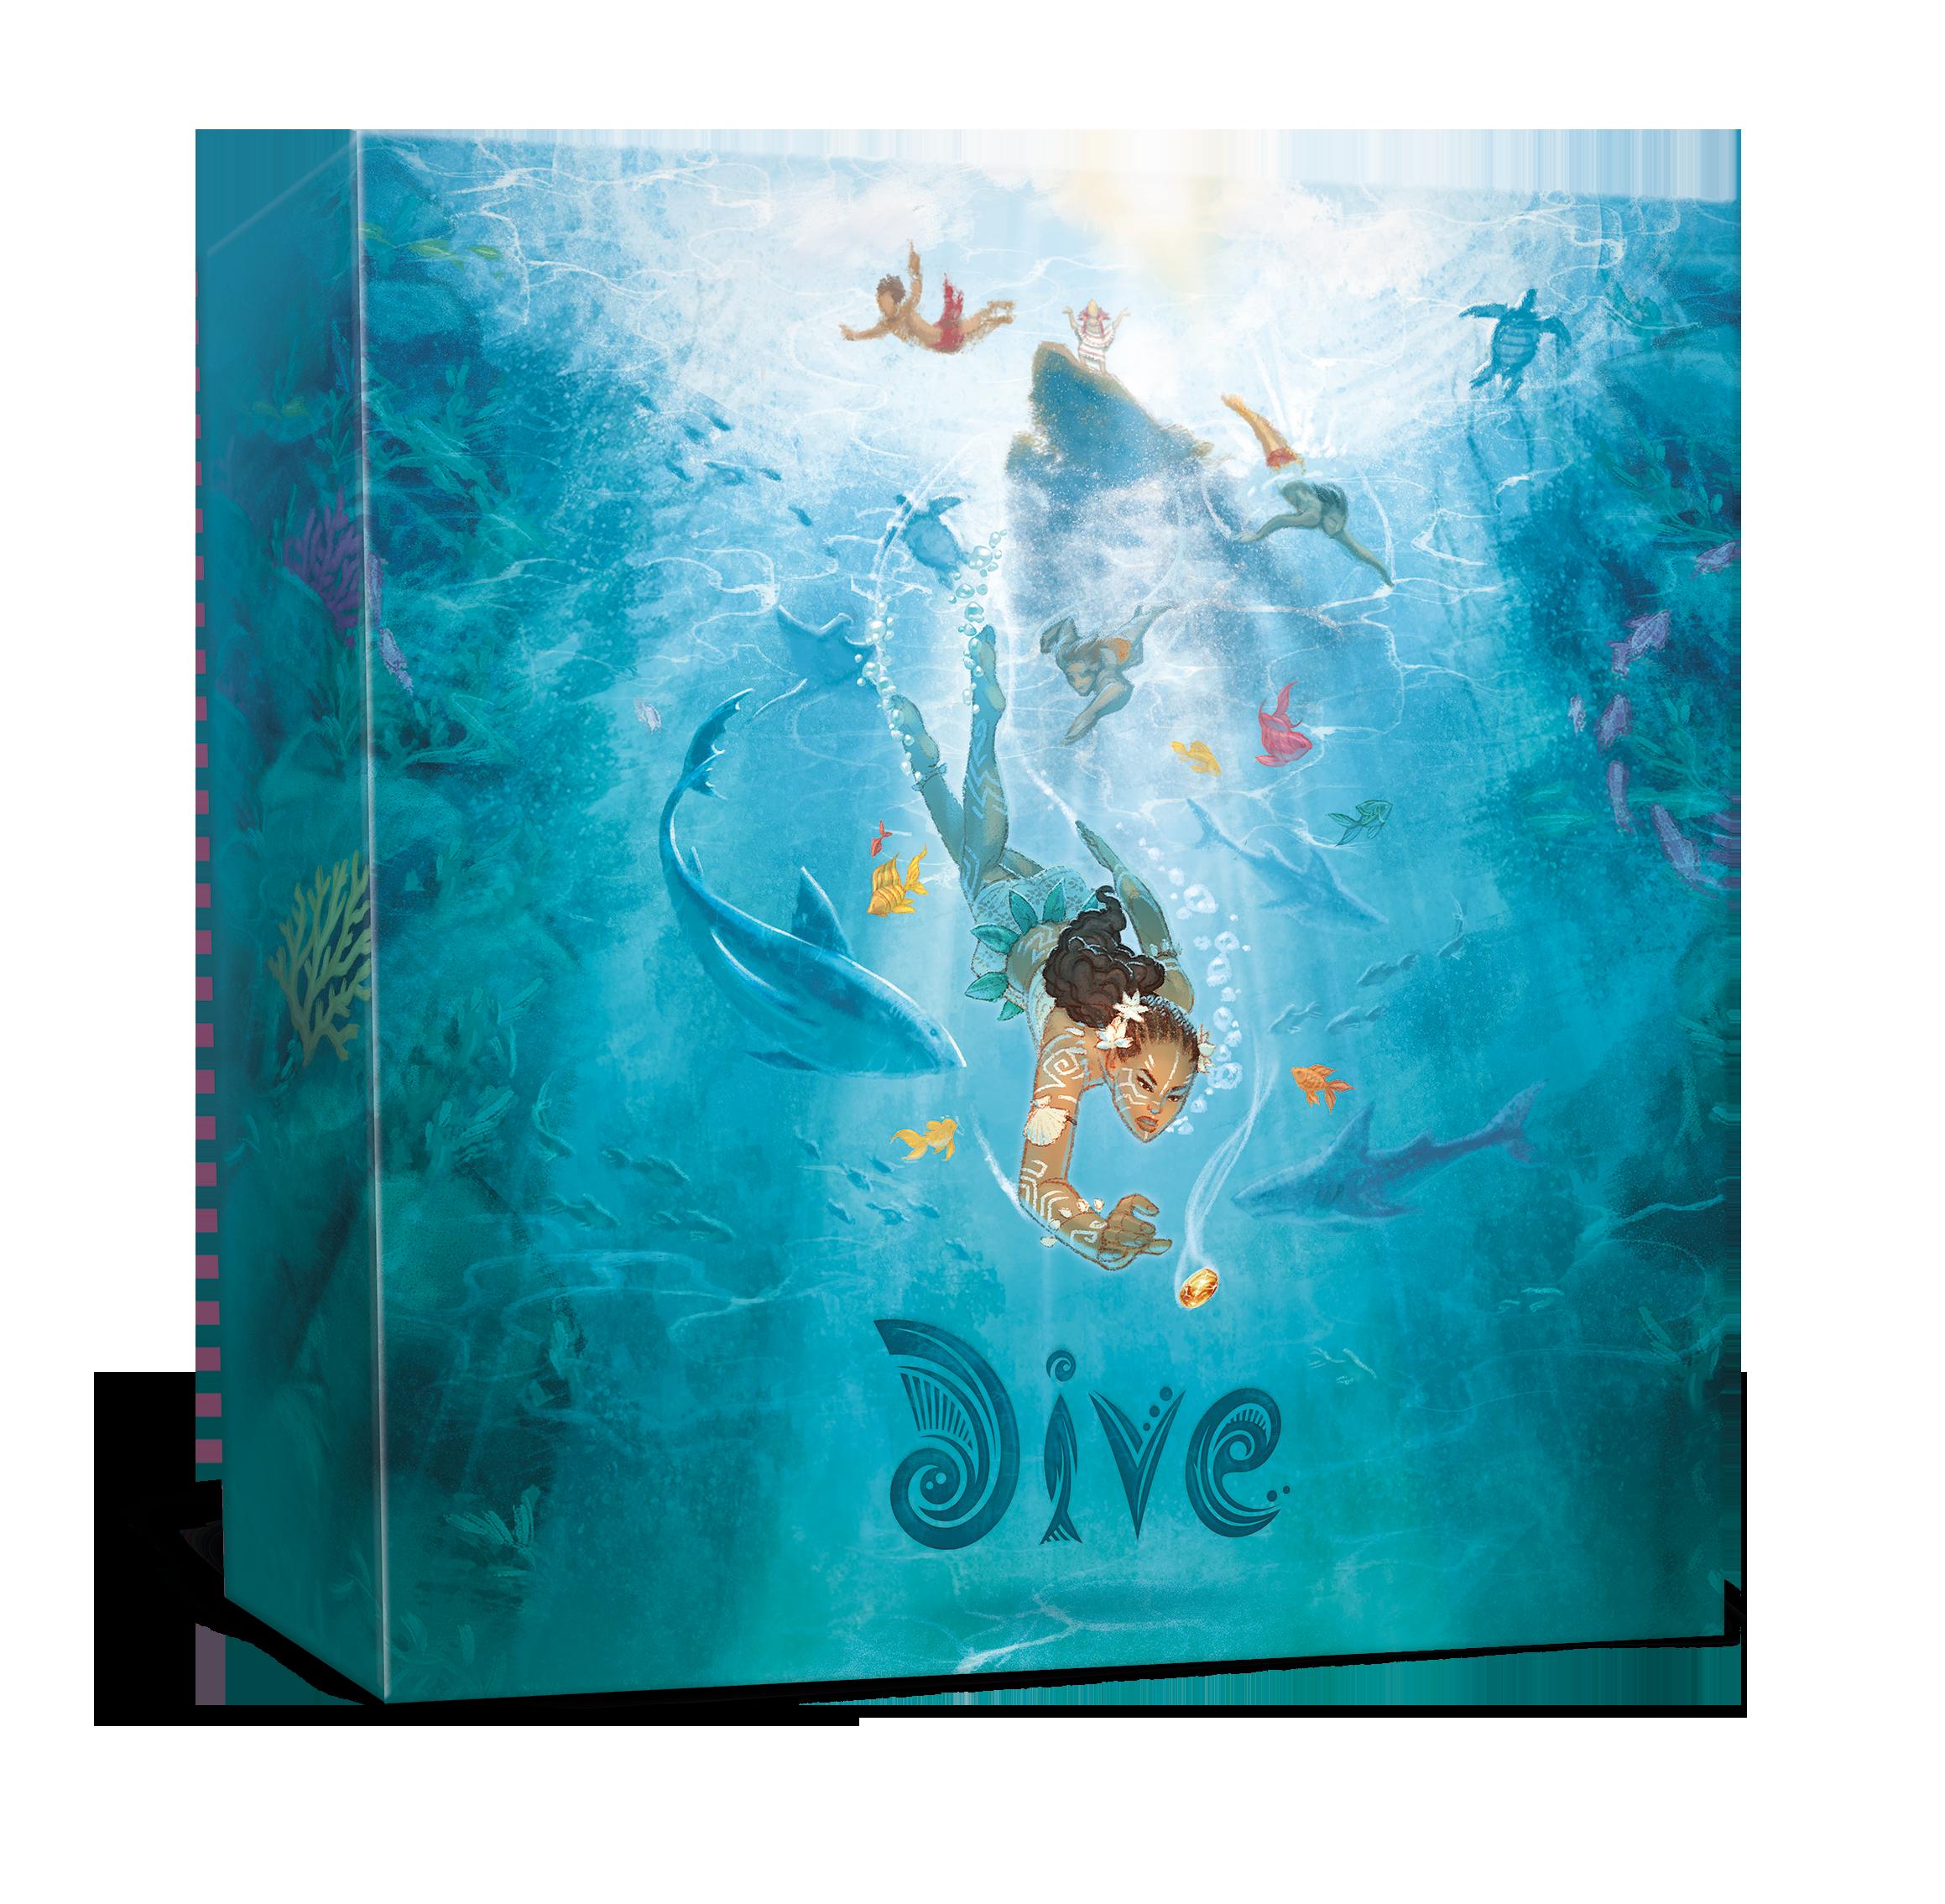 Dive - Bordspel